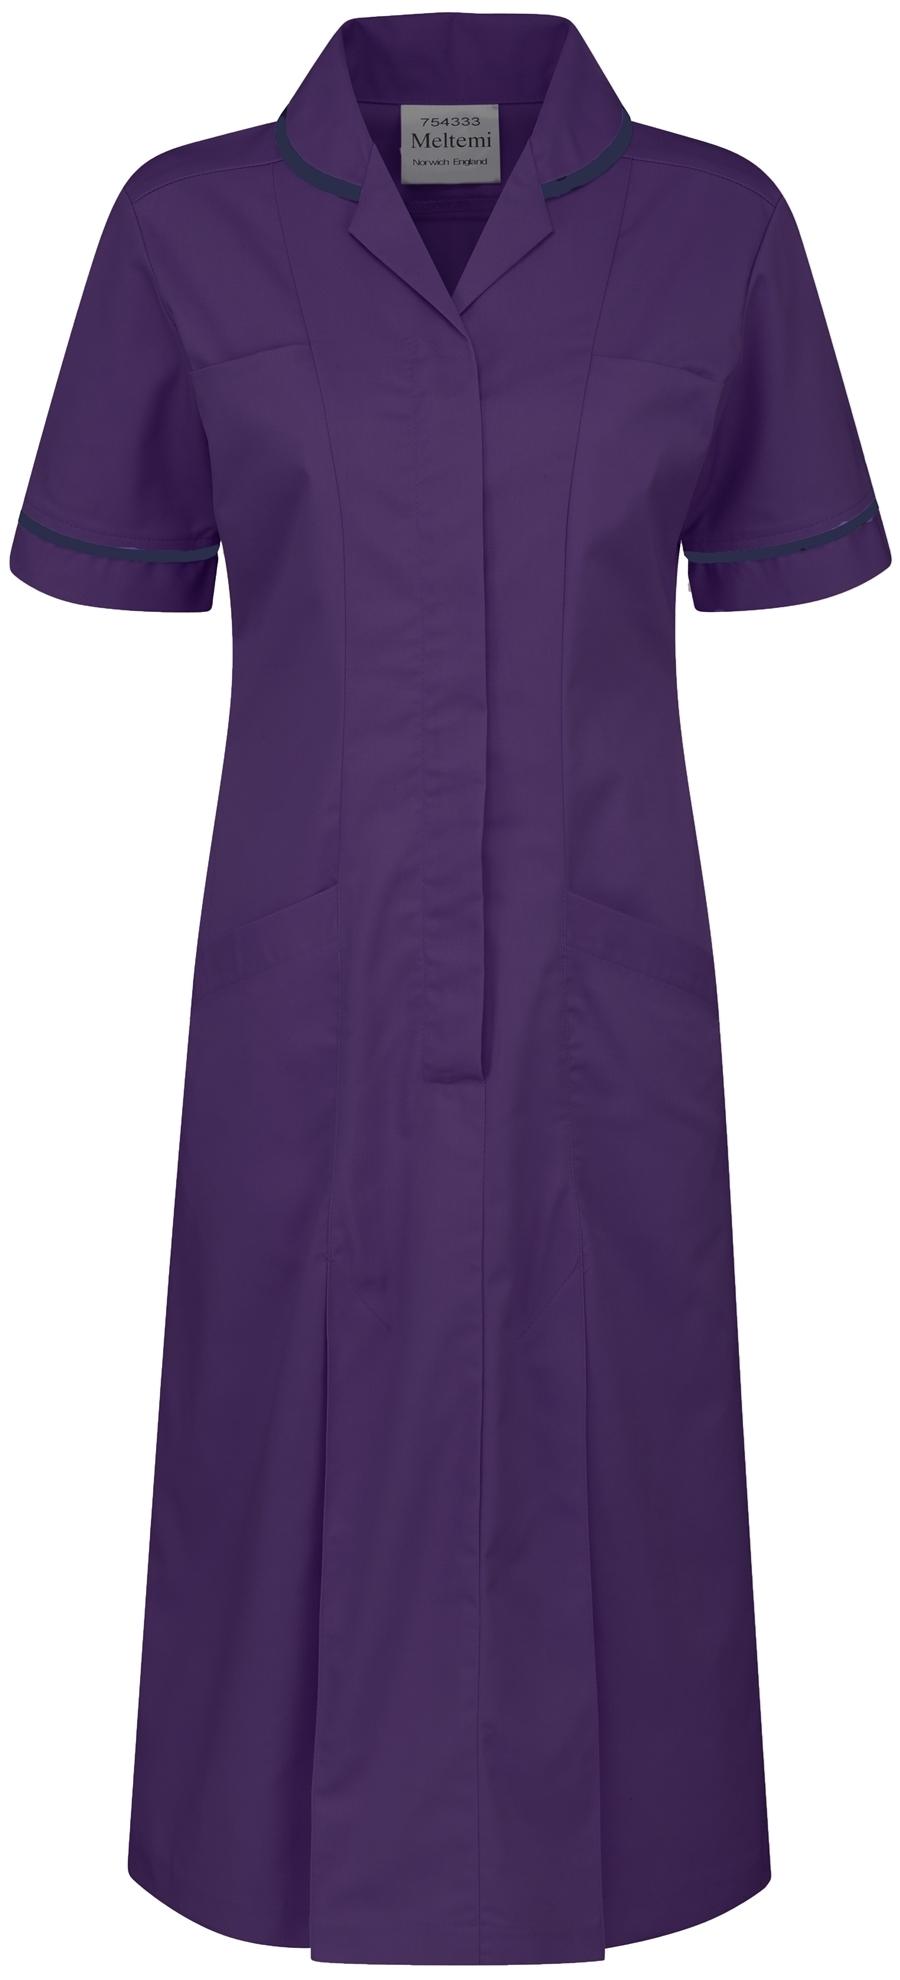 Picture of Plain Colour Dress - Purple/Navy